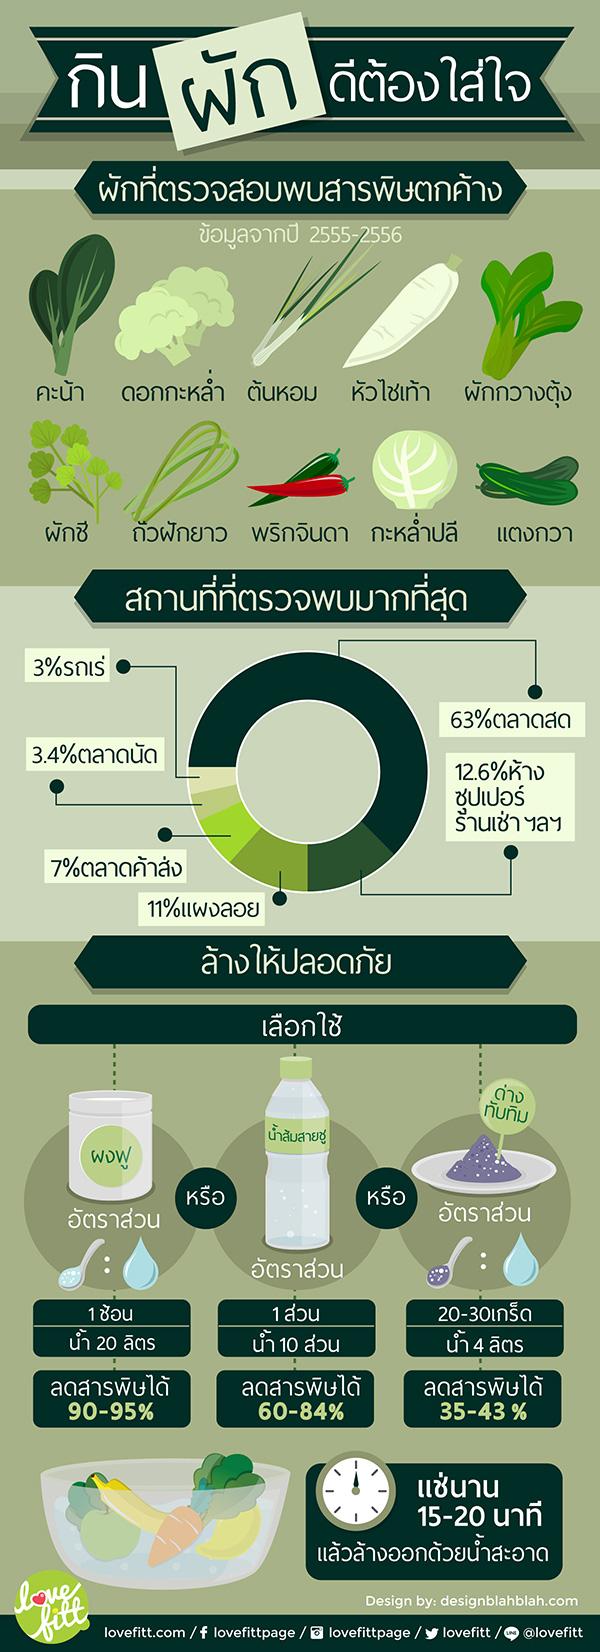 ผักที่มีสารเคมีตกค้างมากที่สุด กินผักต้องใส่ใจ